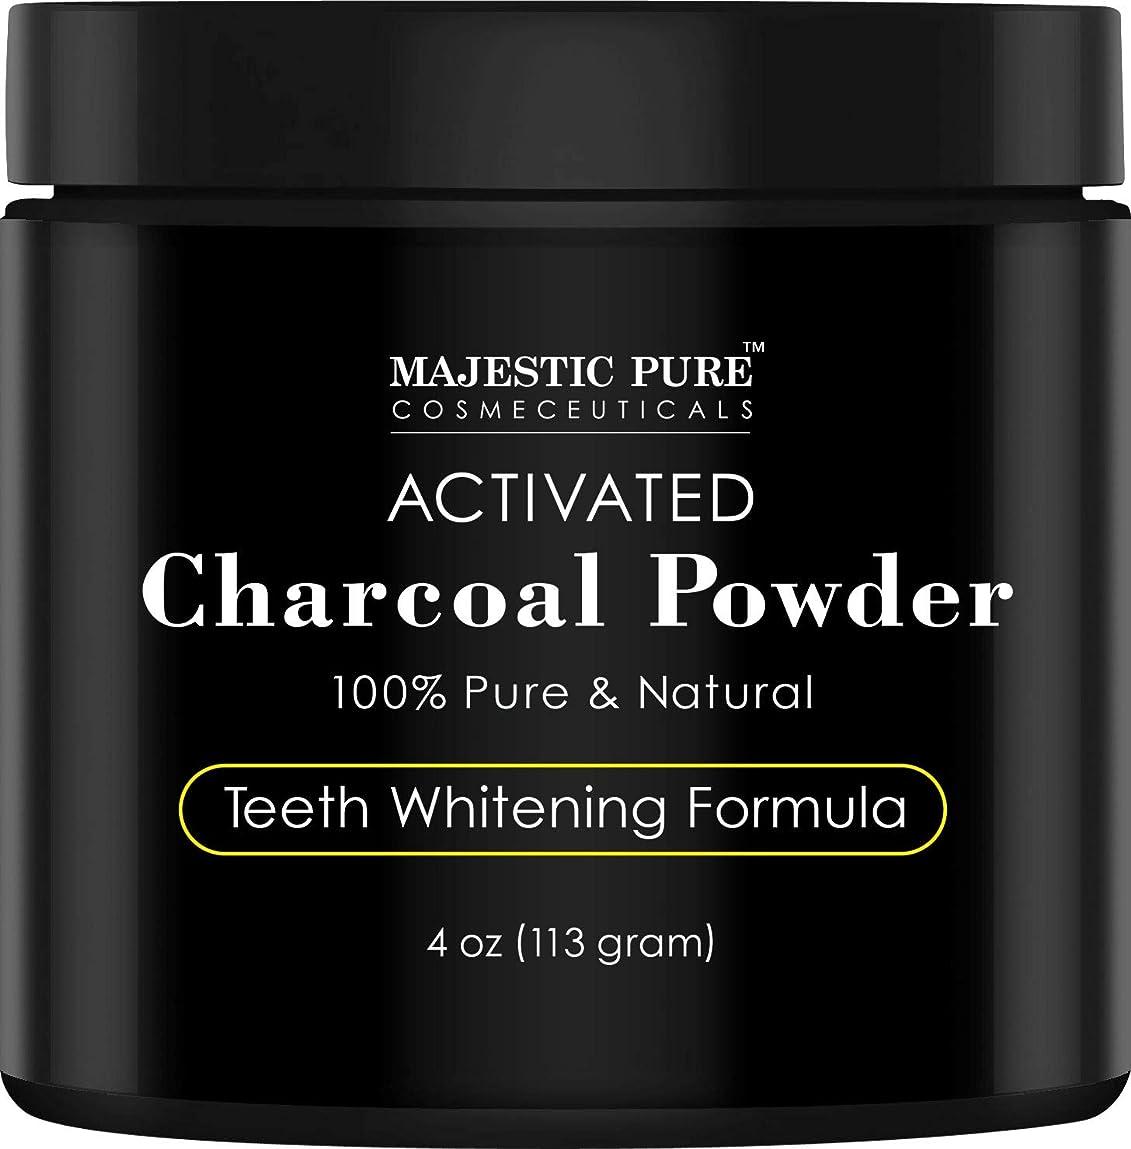 放射能テセウス民主党Majestic Pure Teeth Whitening Activated Charcoal Powder - Natural  歯のホワイトニング ココナッツ チャコールパウダー4 oz (113g)